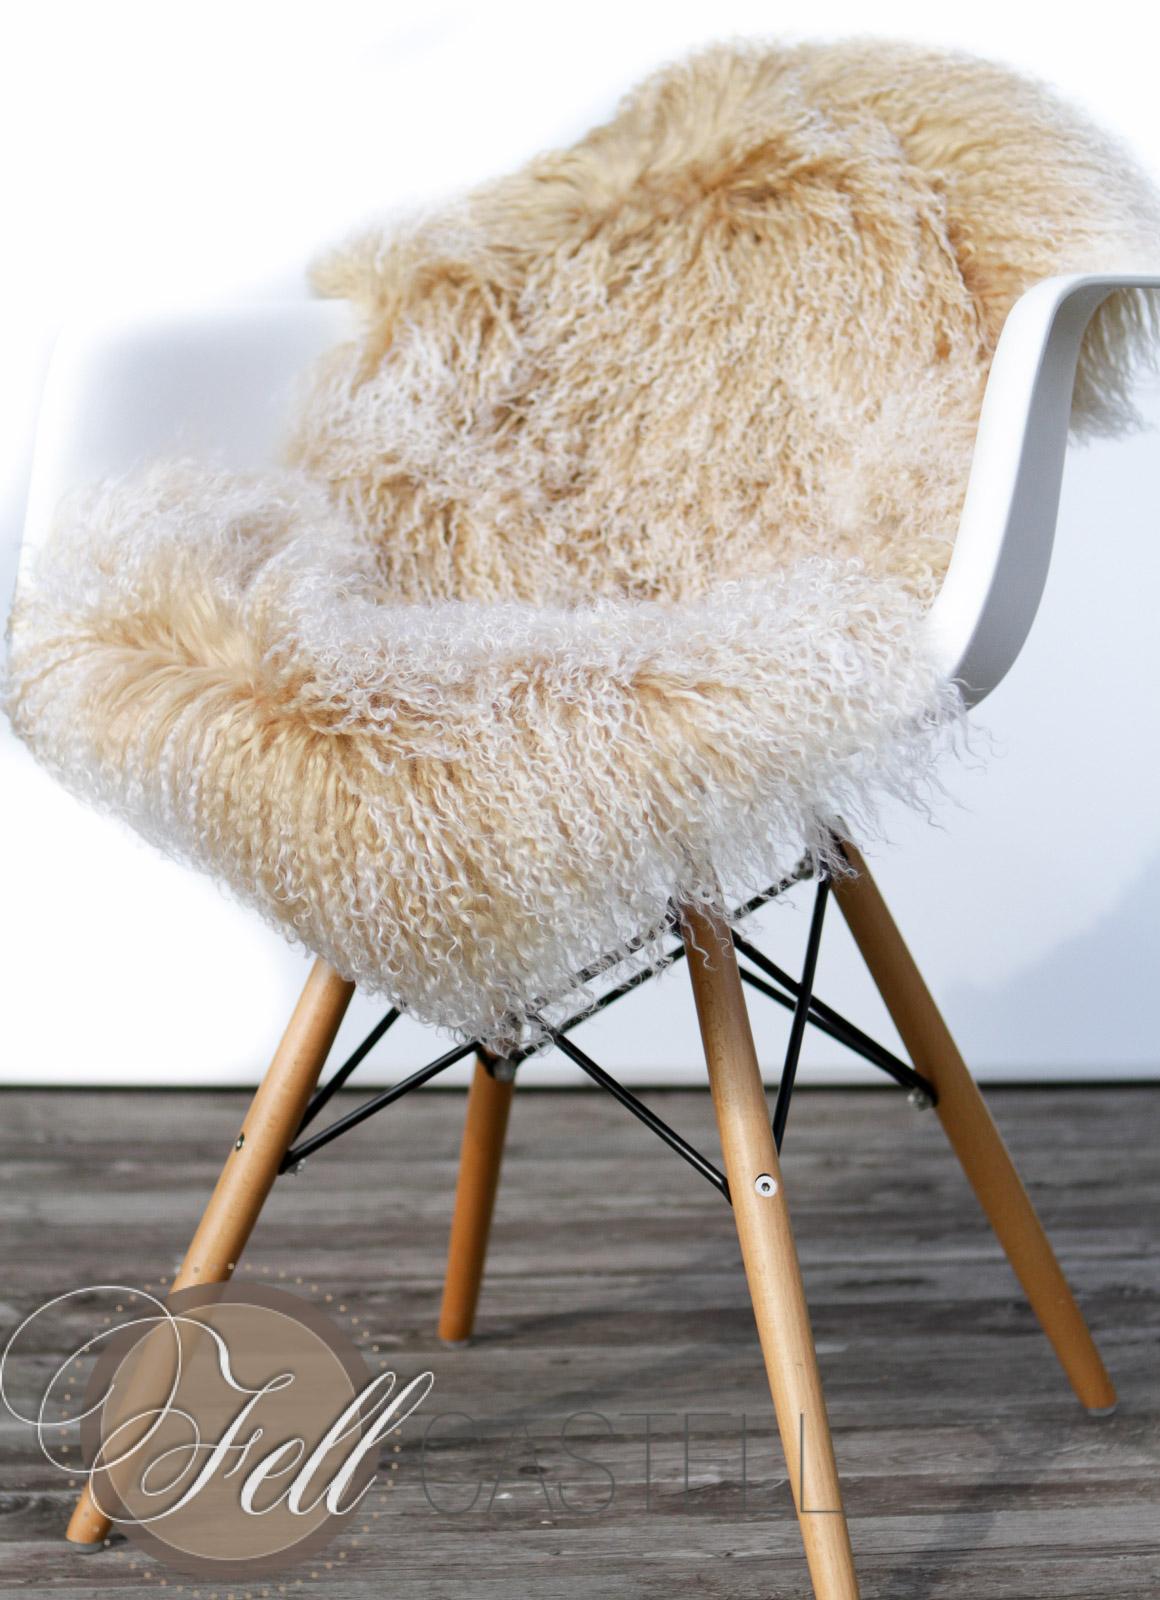 tibet lammfell champagner tibetlammfell tibetlamm fein gelockt lammfell schaffell shop. Black Bedroom Furniture Sets. Home Design Ideas